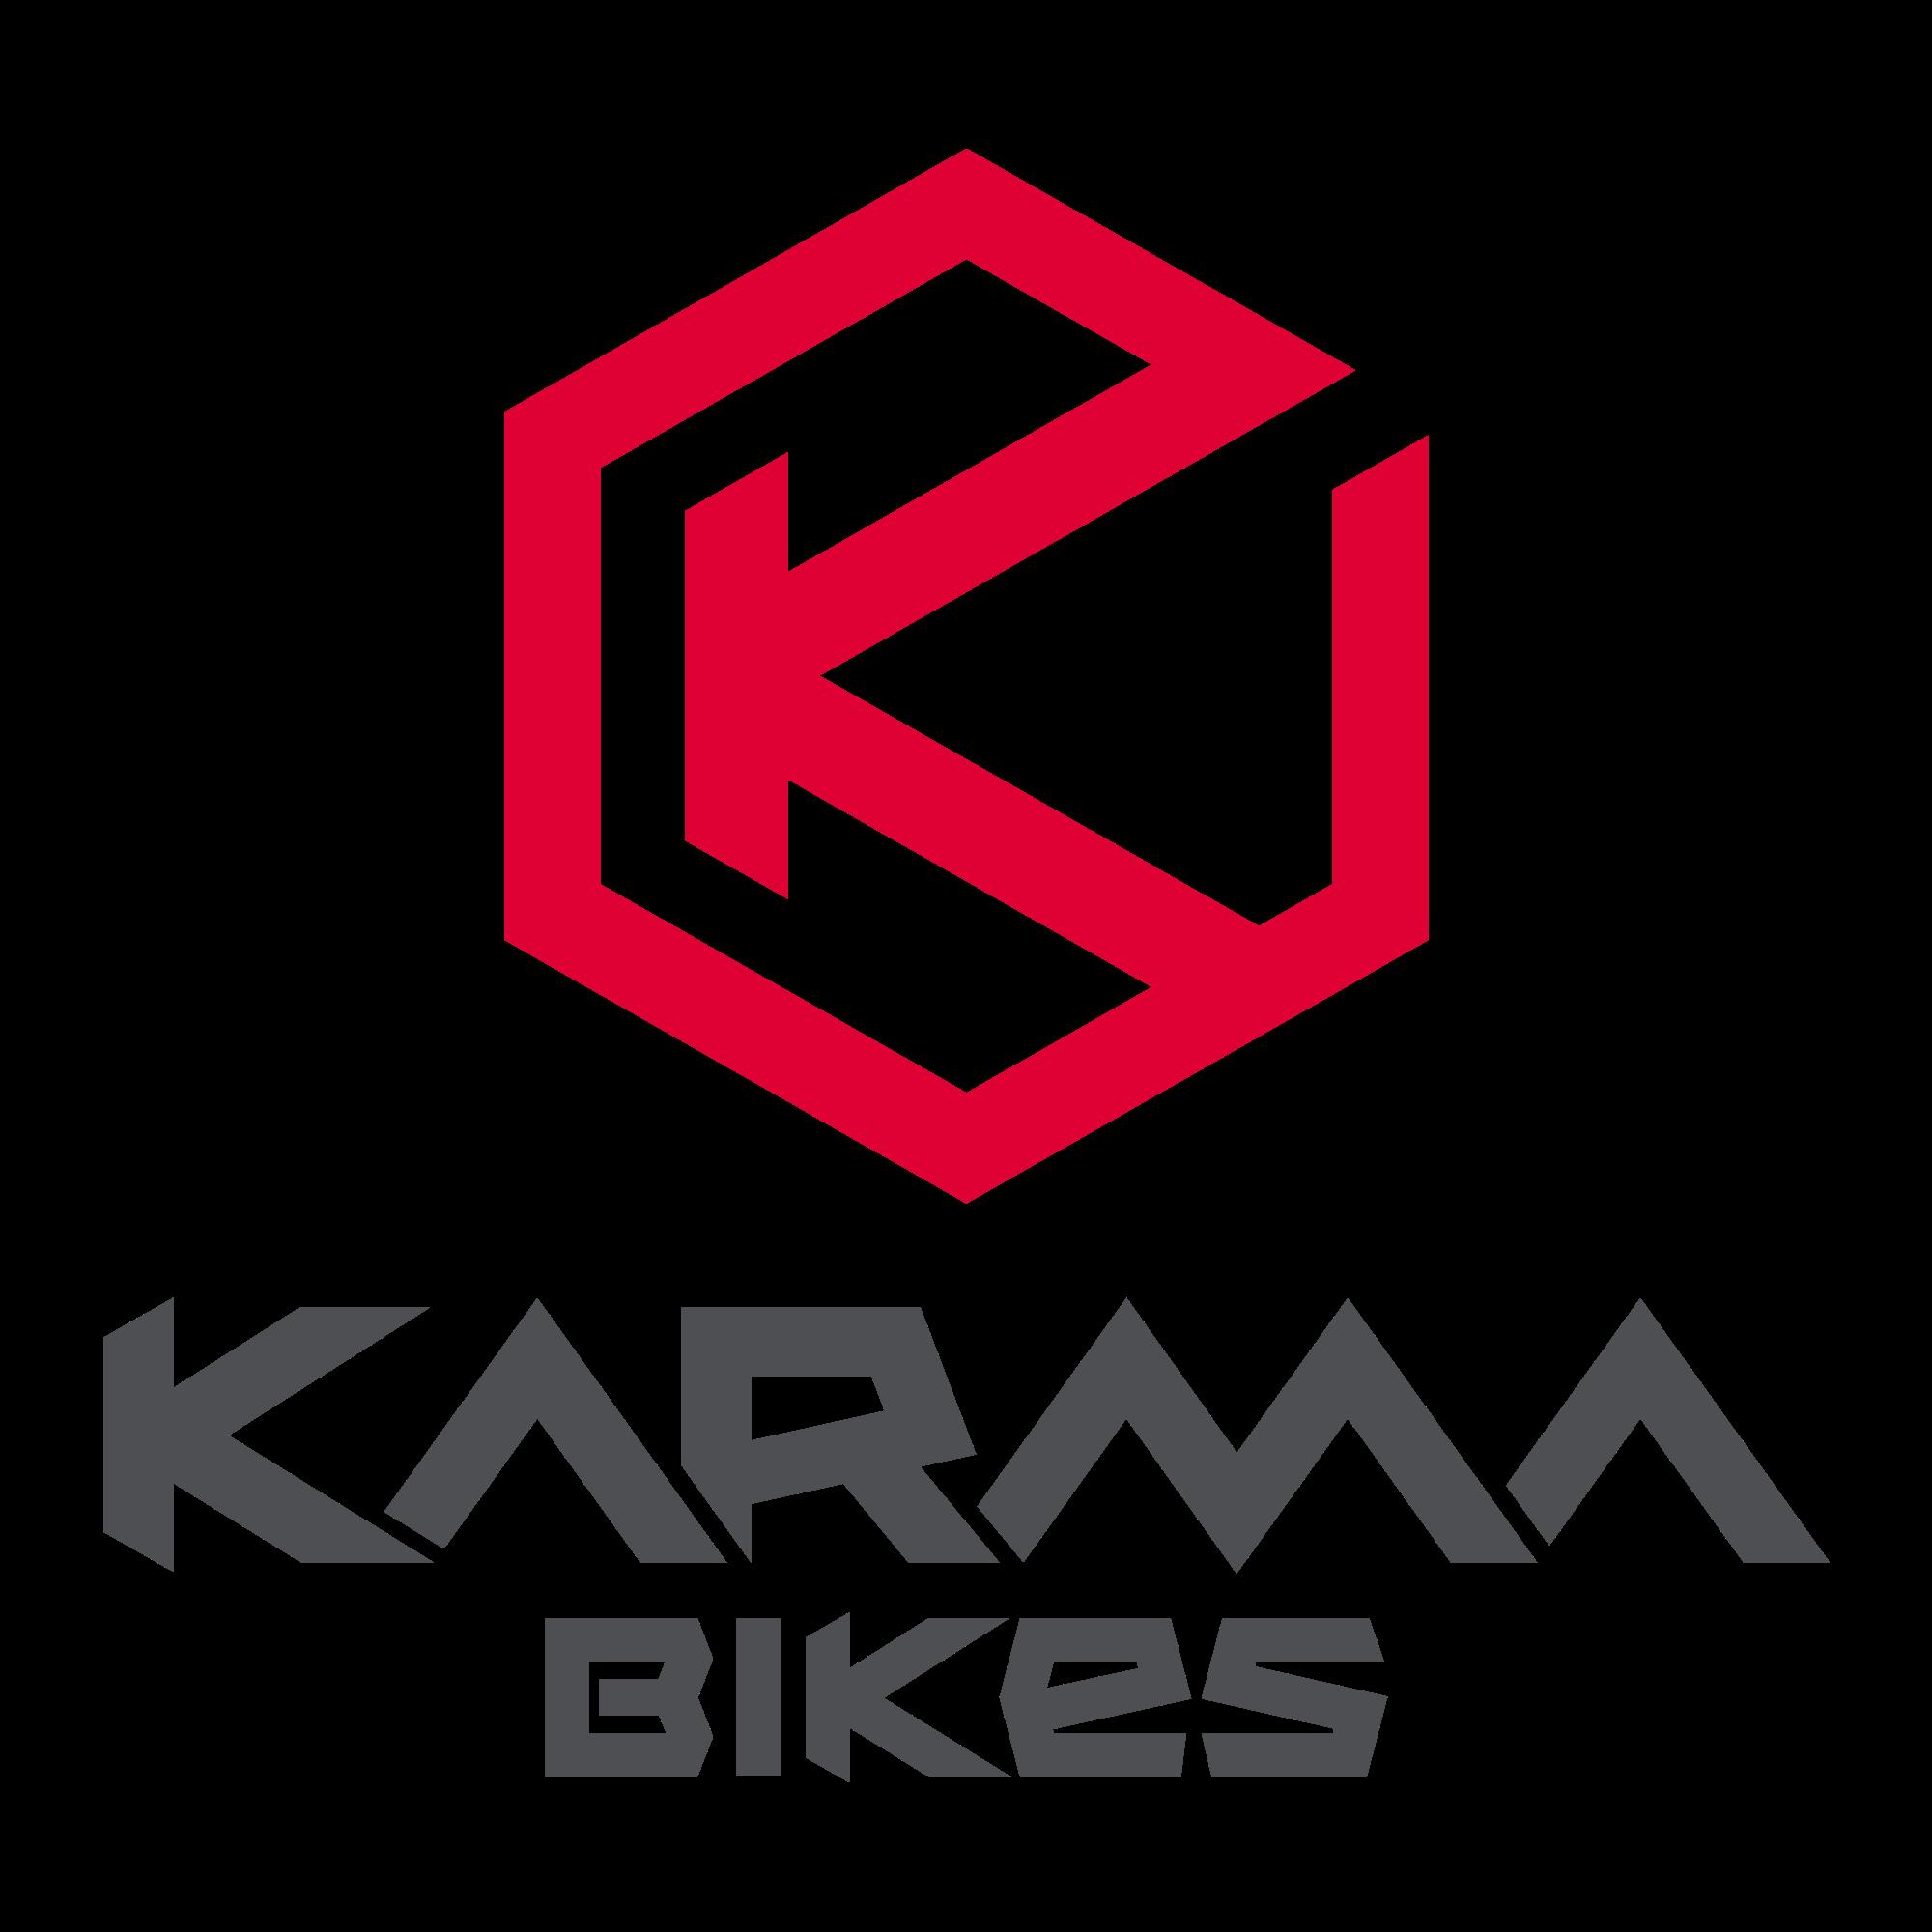 KARMA_BIKES